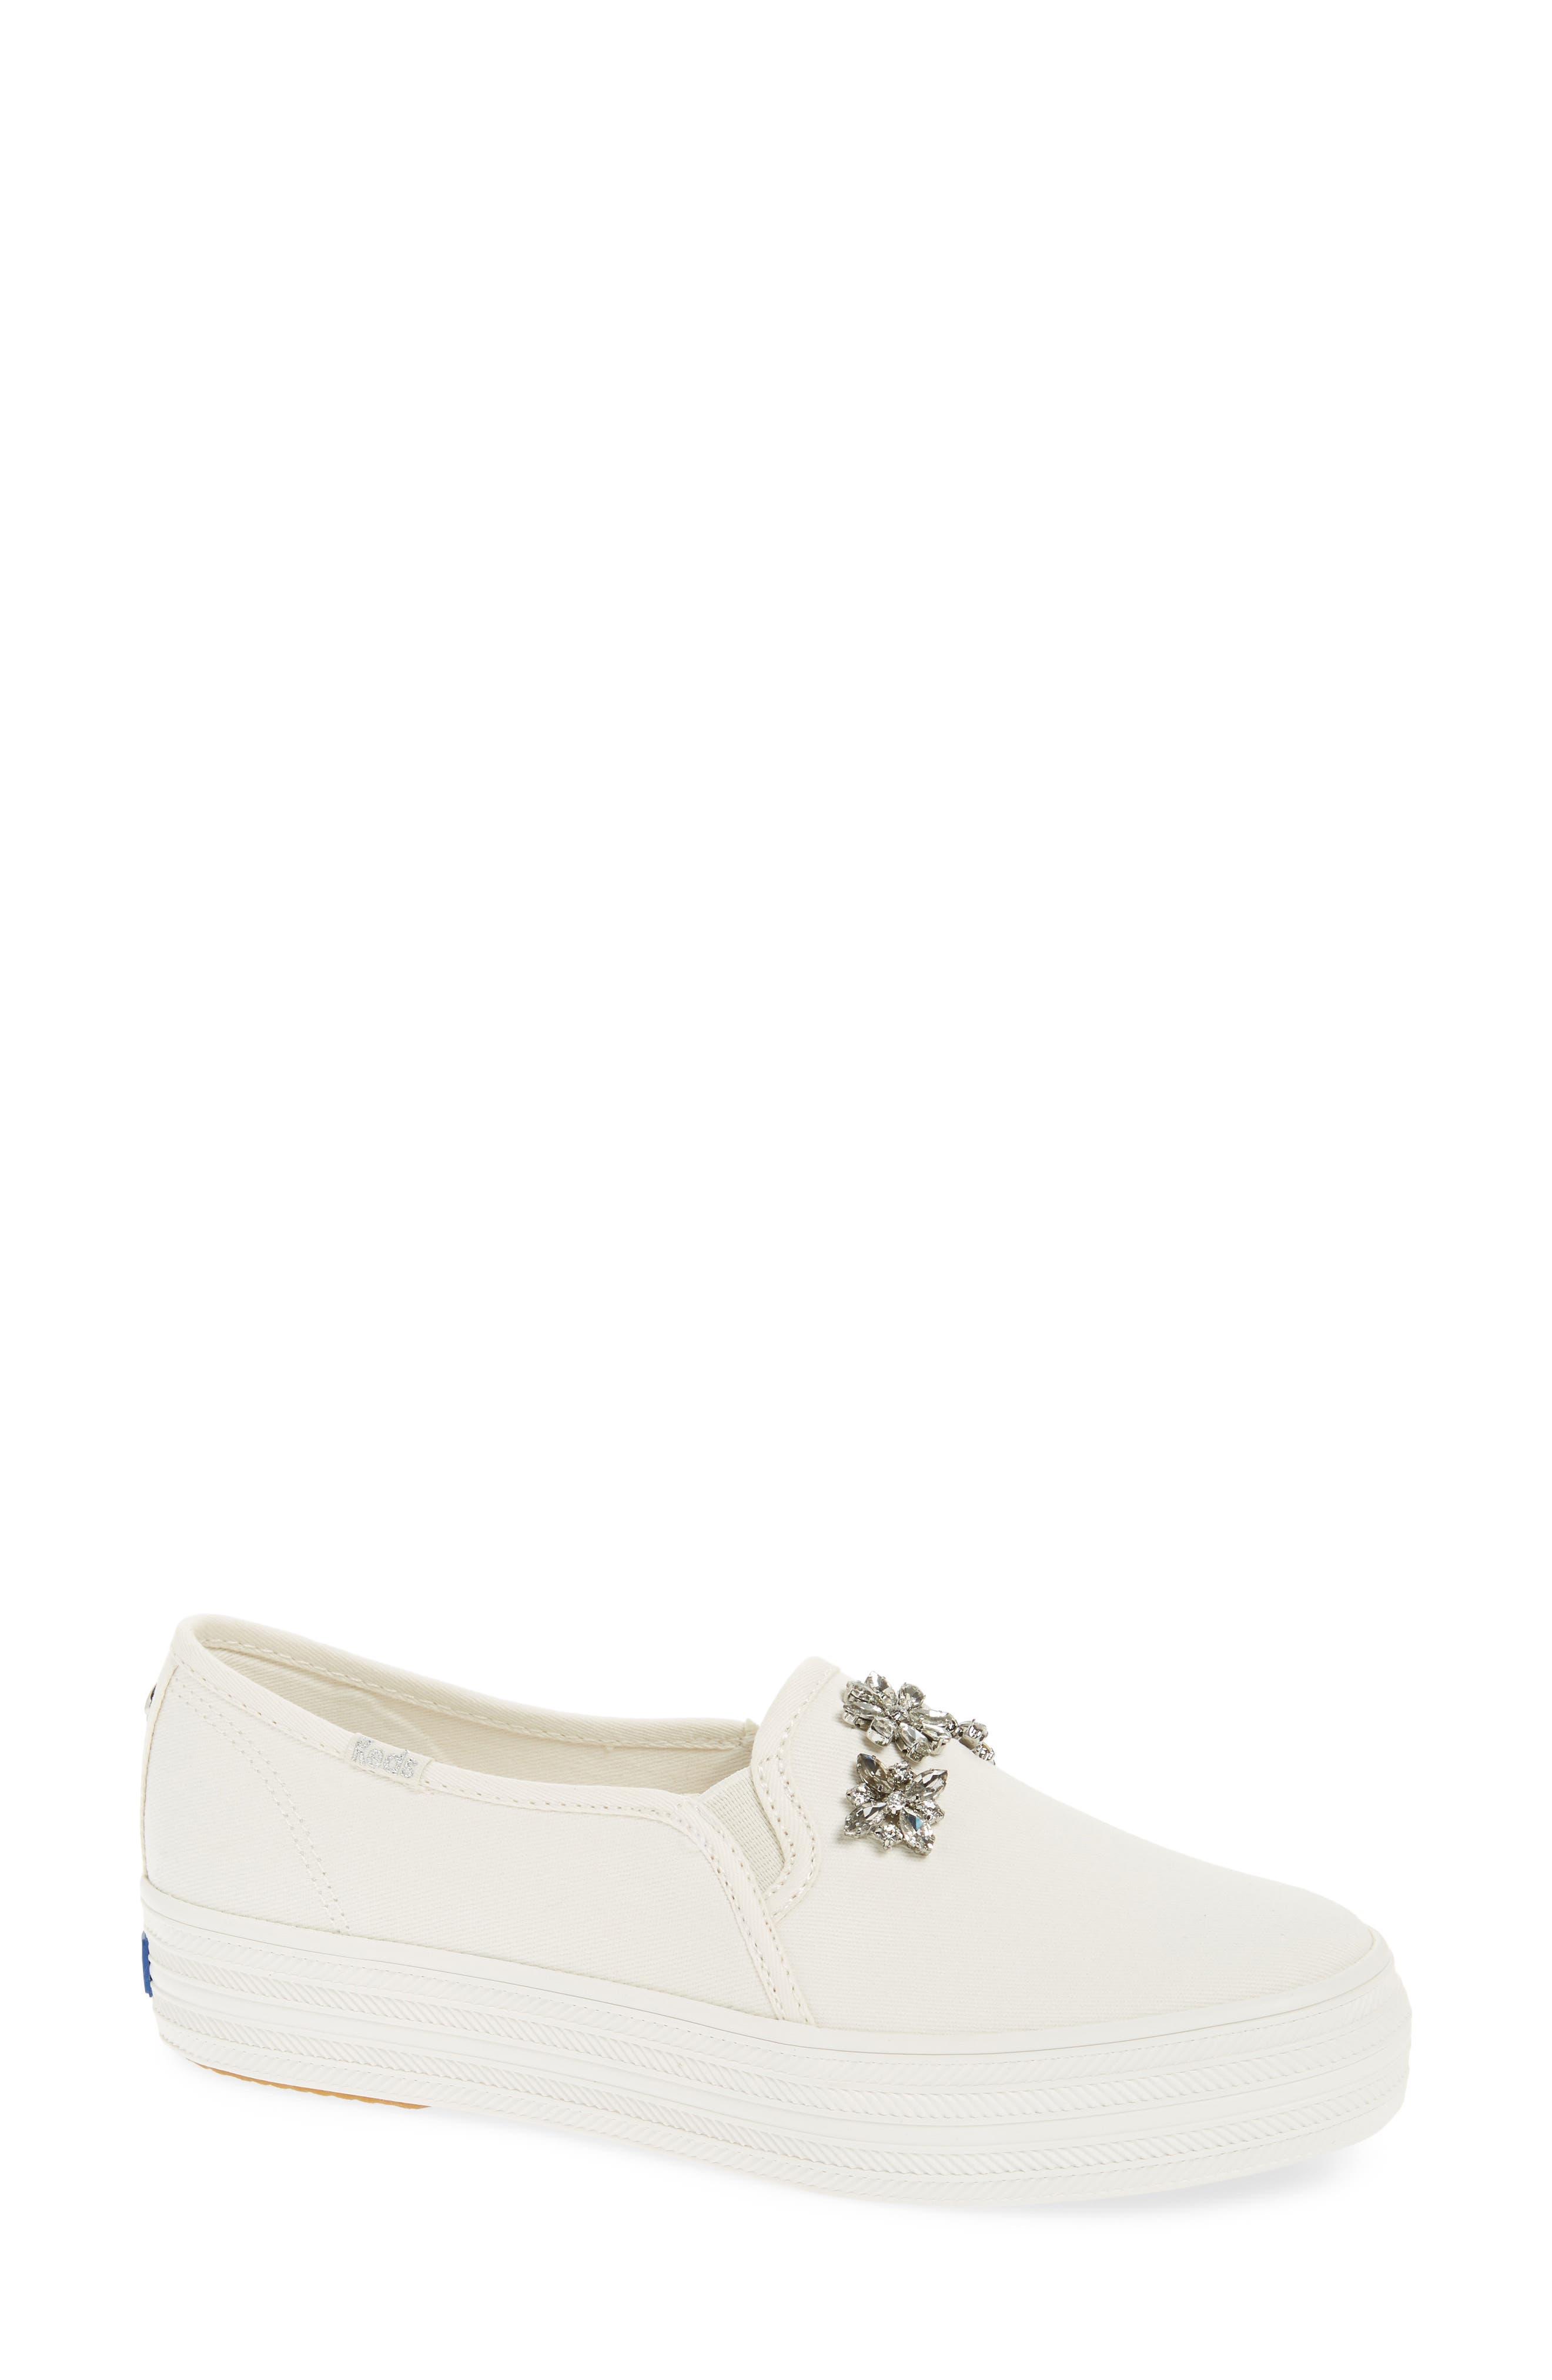 Main Image - Keds® for kate spade new york triple decker stones slip-on sneaker (Women)